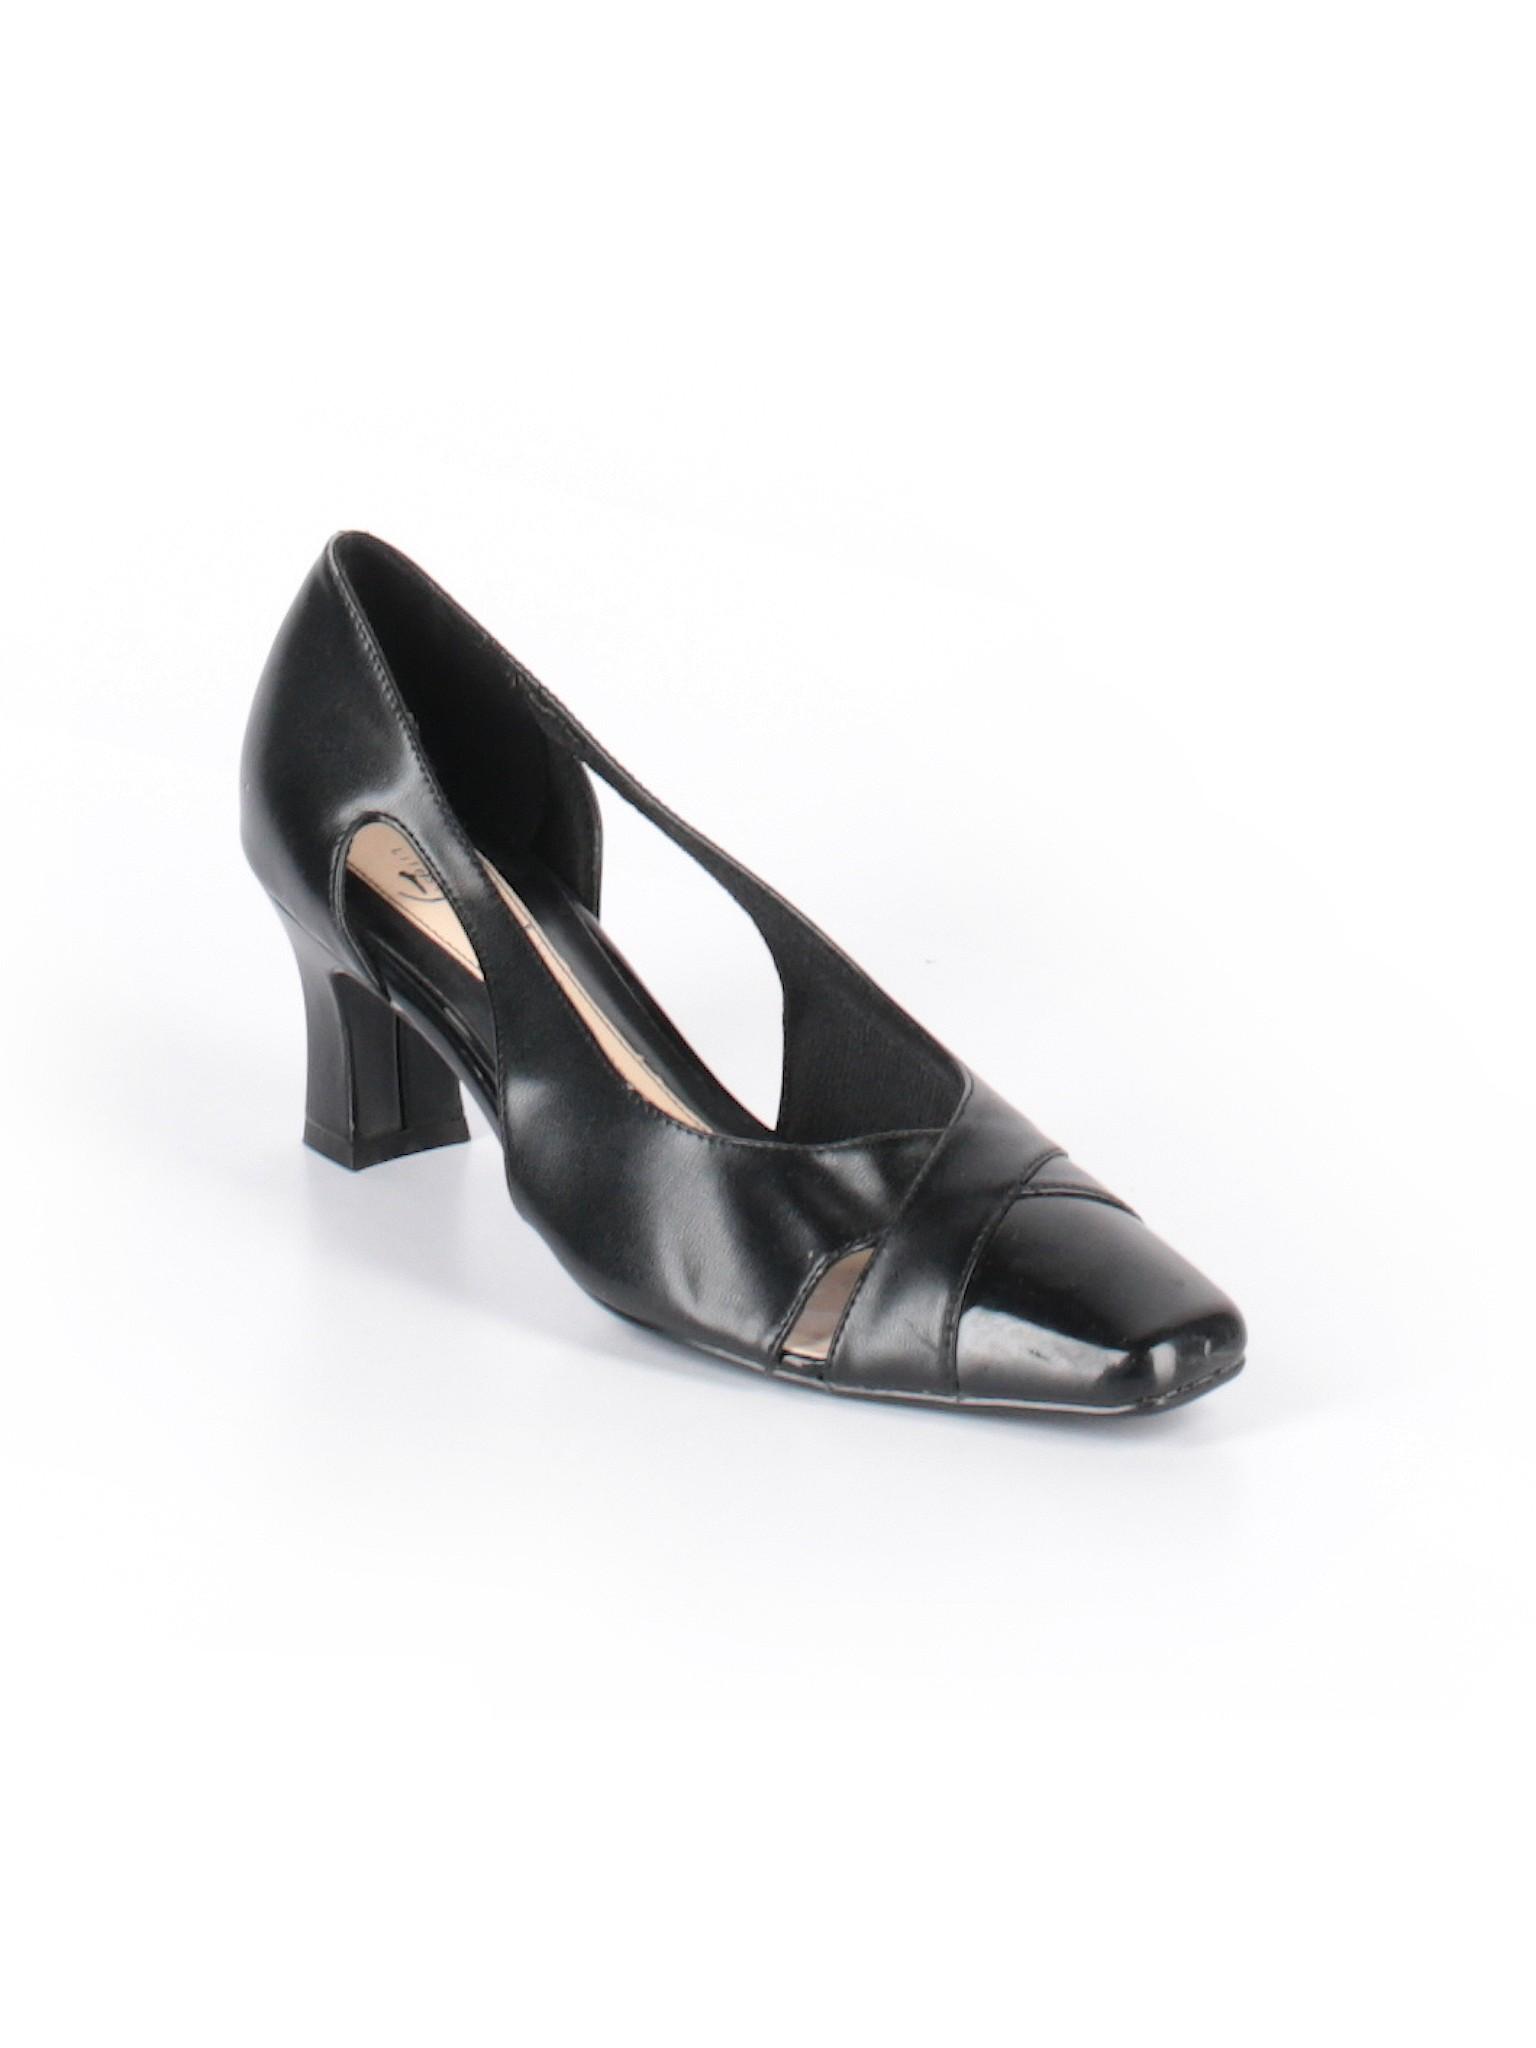 promotion promotion Life Stride Stride Heels Heels Life Boutique Boutique PwXwtE7qpx